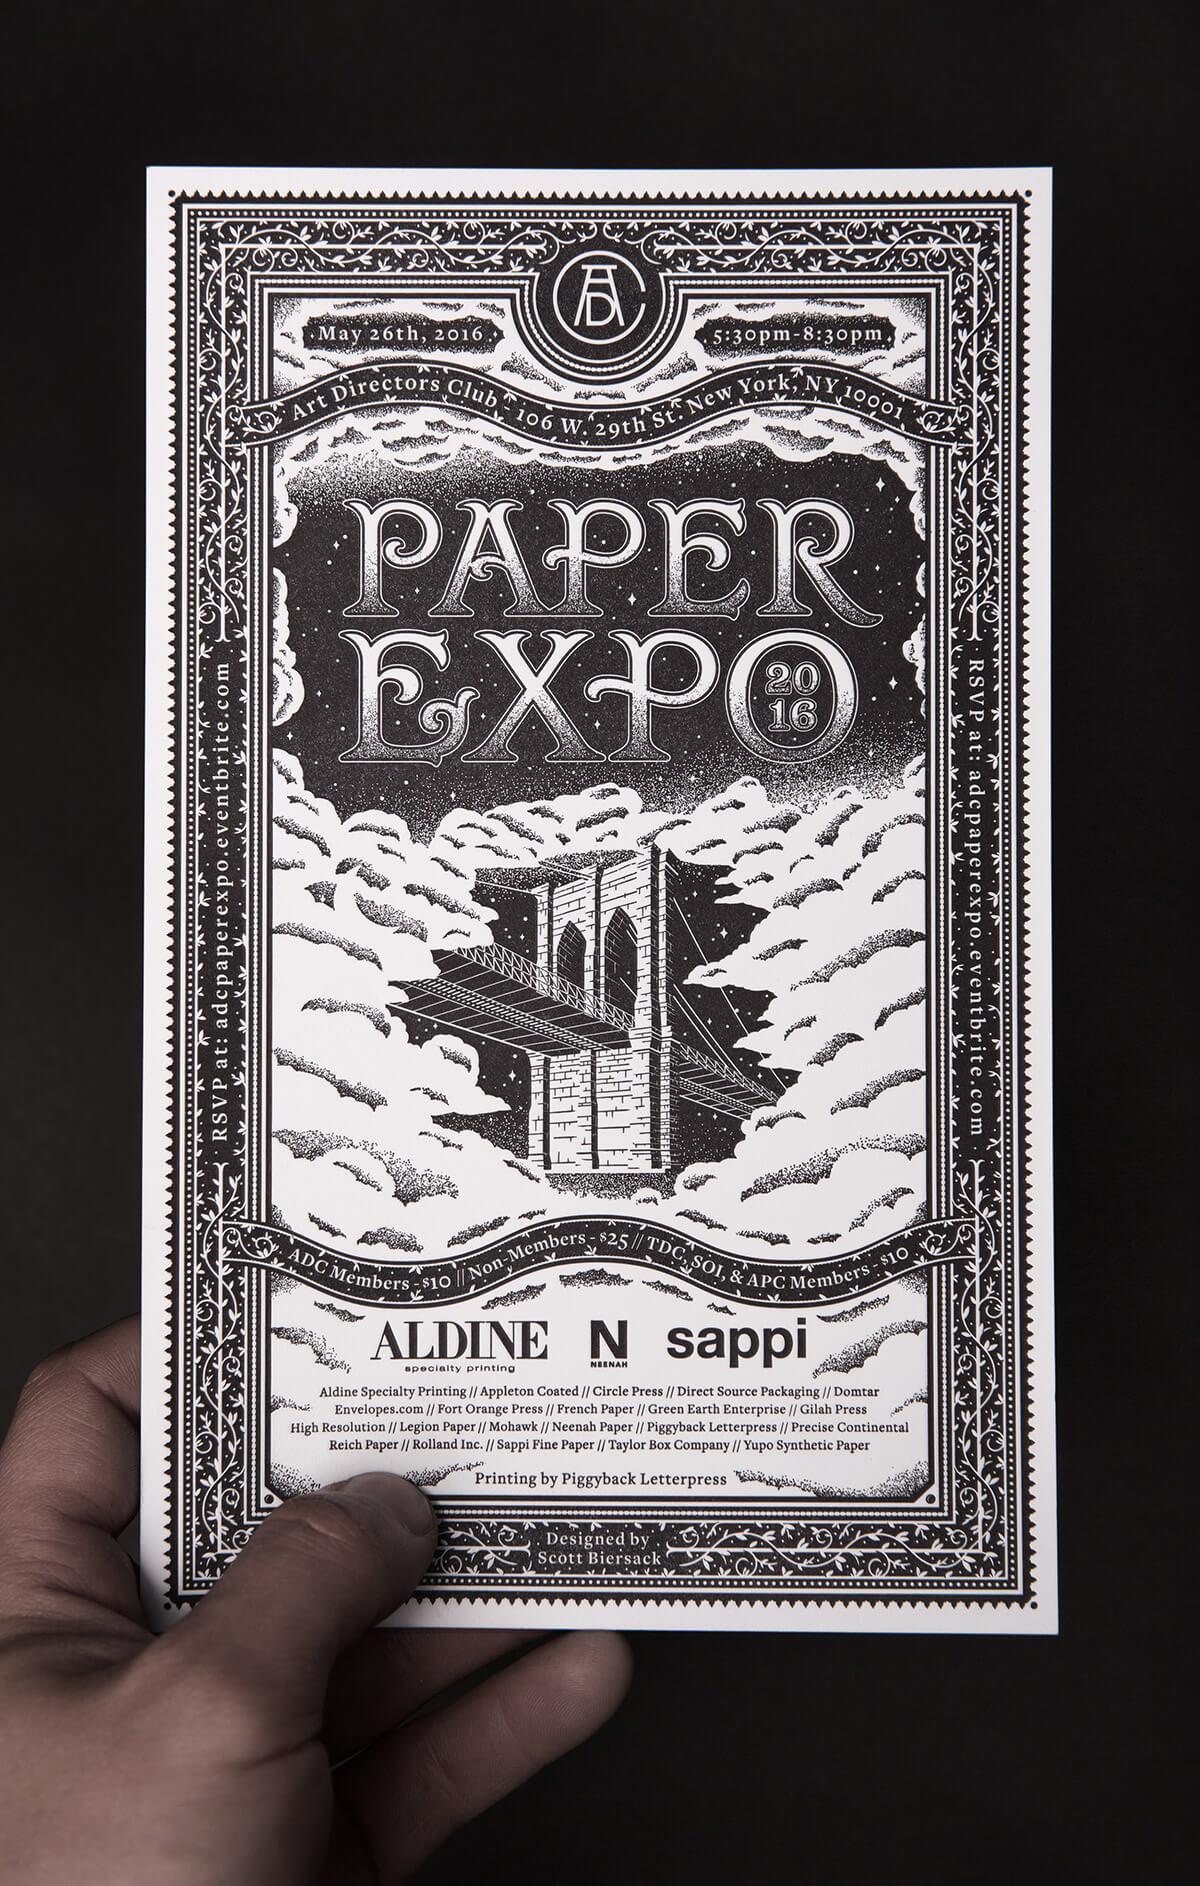 Paper Expo Invite